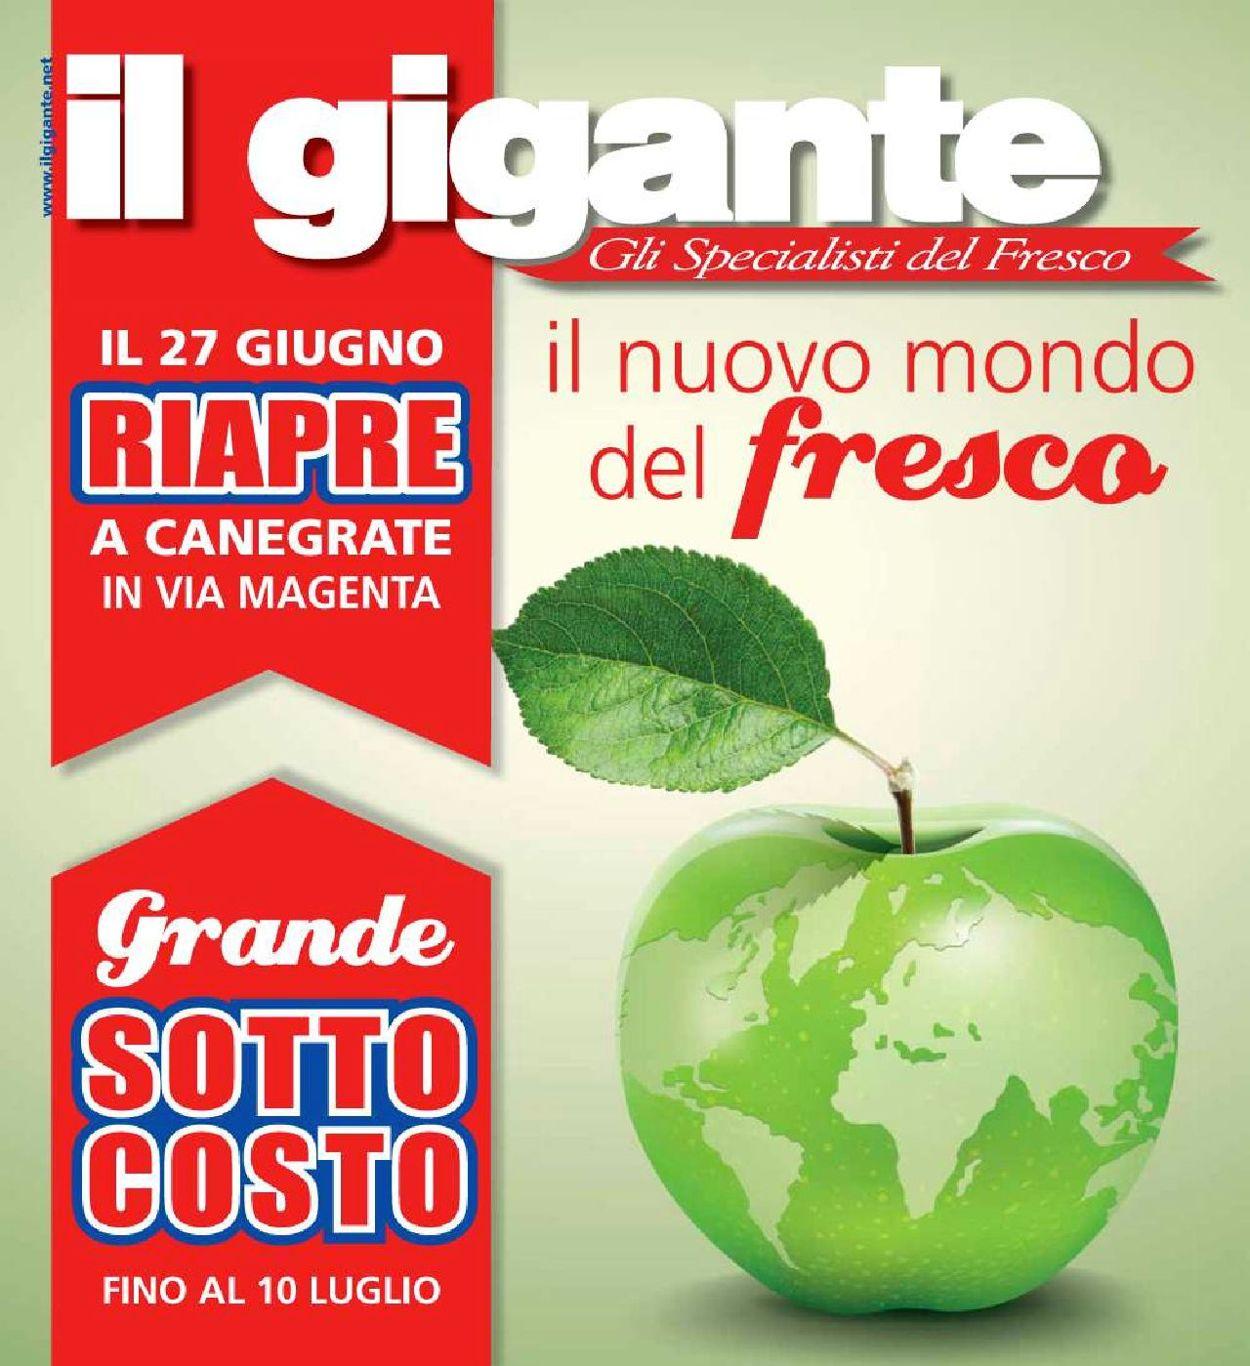 Volantino Il Gigante - Offerte 27/06-10/07/2019